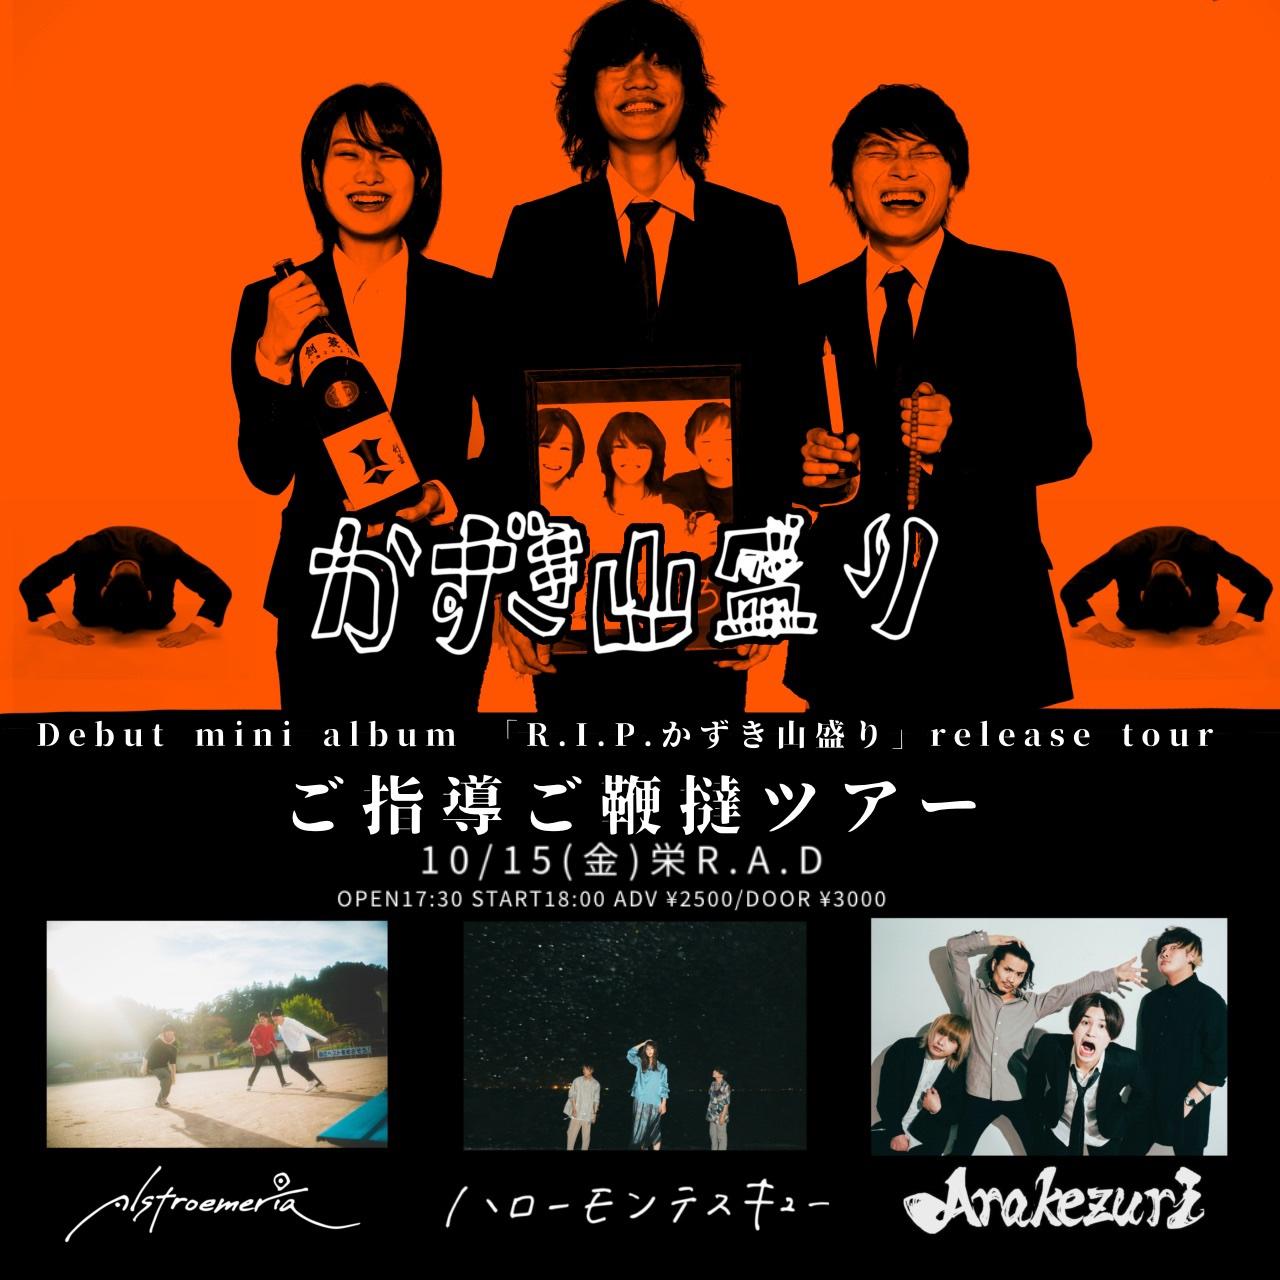 かずき山盛りDebut mini album 「R.I.P.かずき山盛り」Release tour 「ご指導ご鞭撻ツアー」 ツアー初日